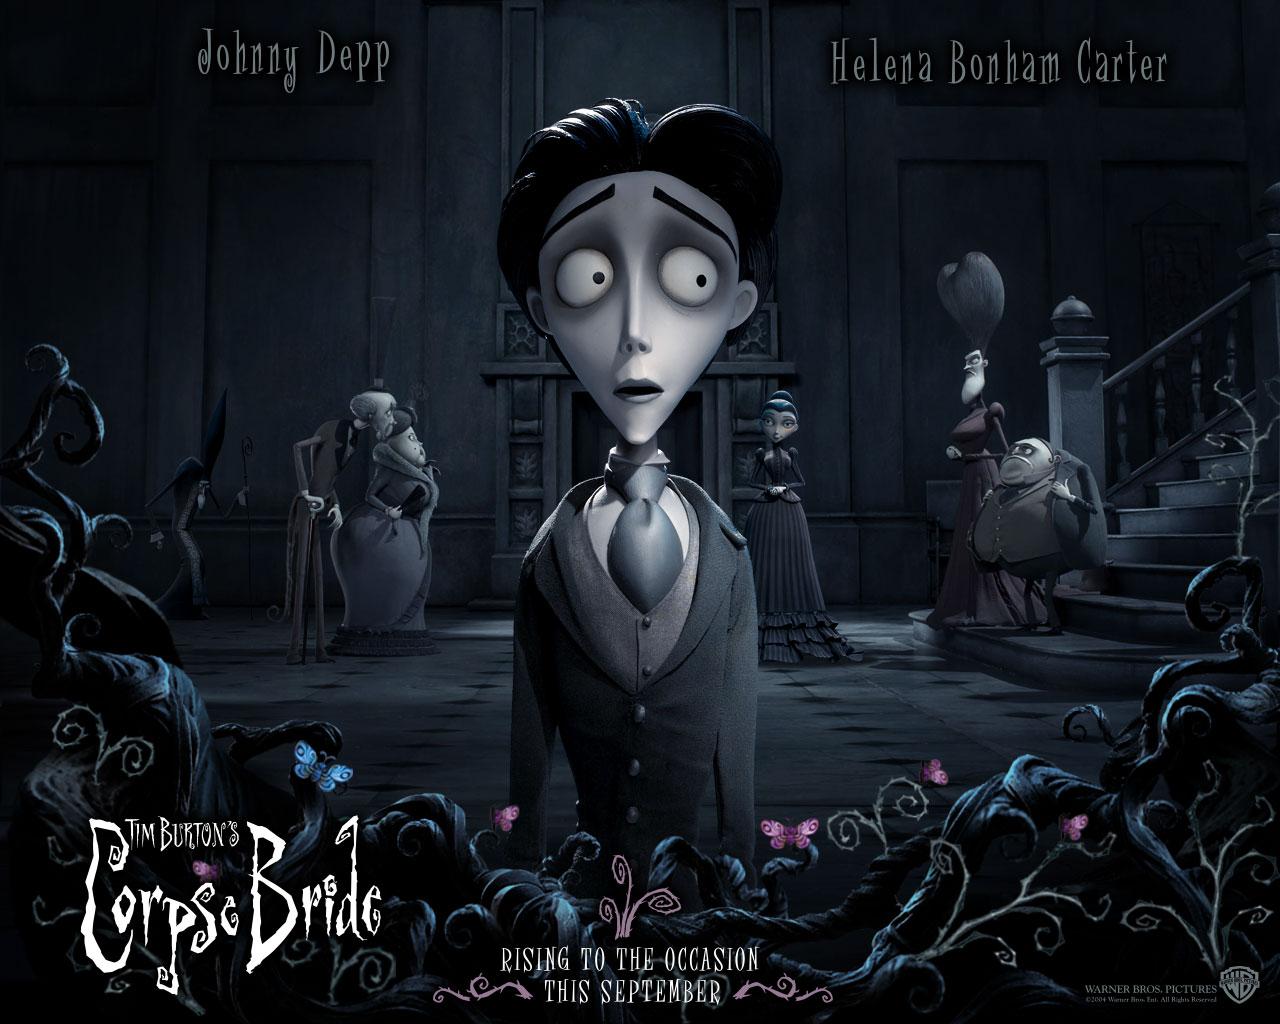 Fondos De Pantalla Corpse Bride Animación Descargar Imagenes